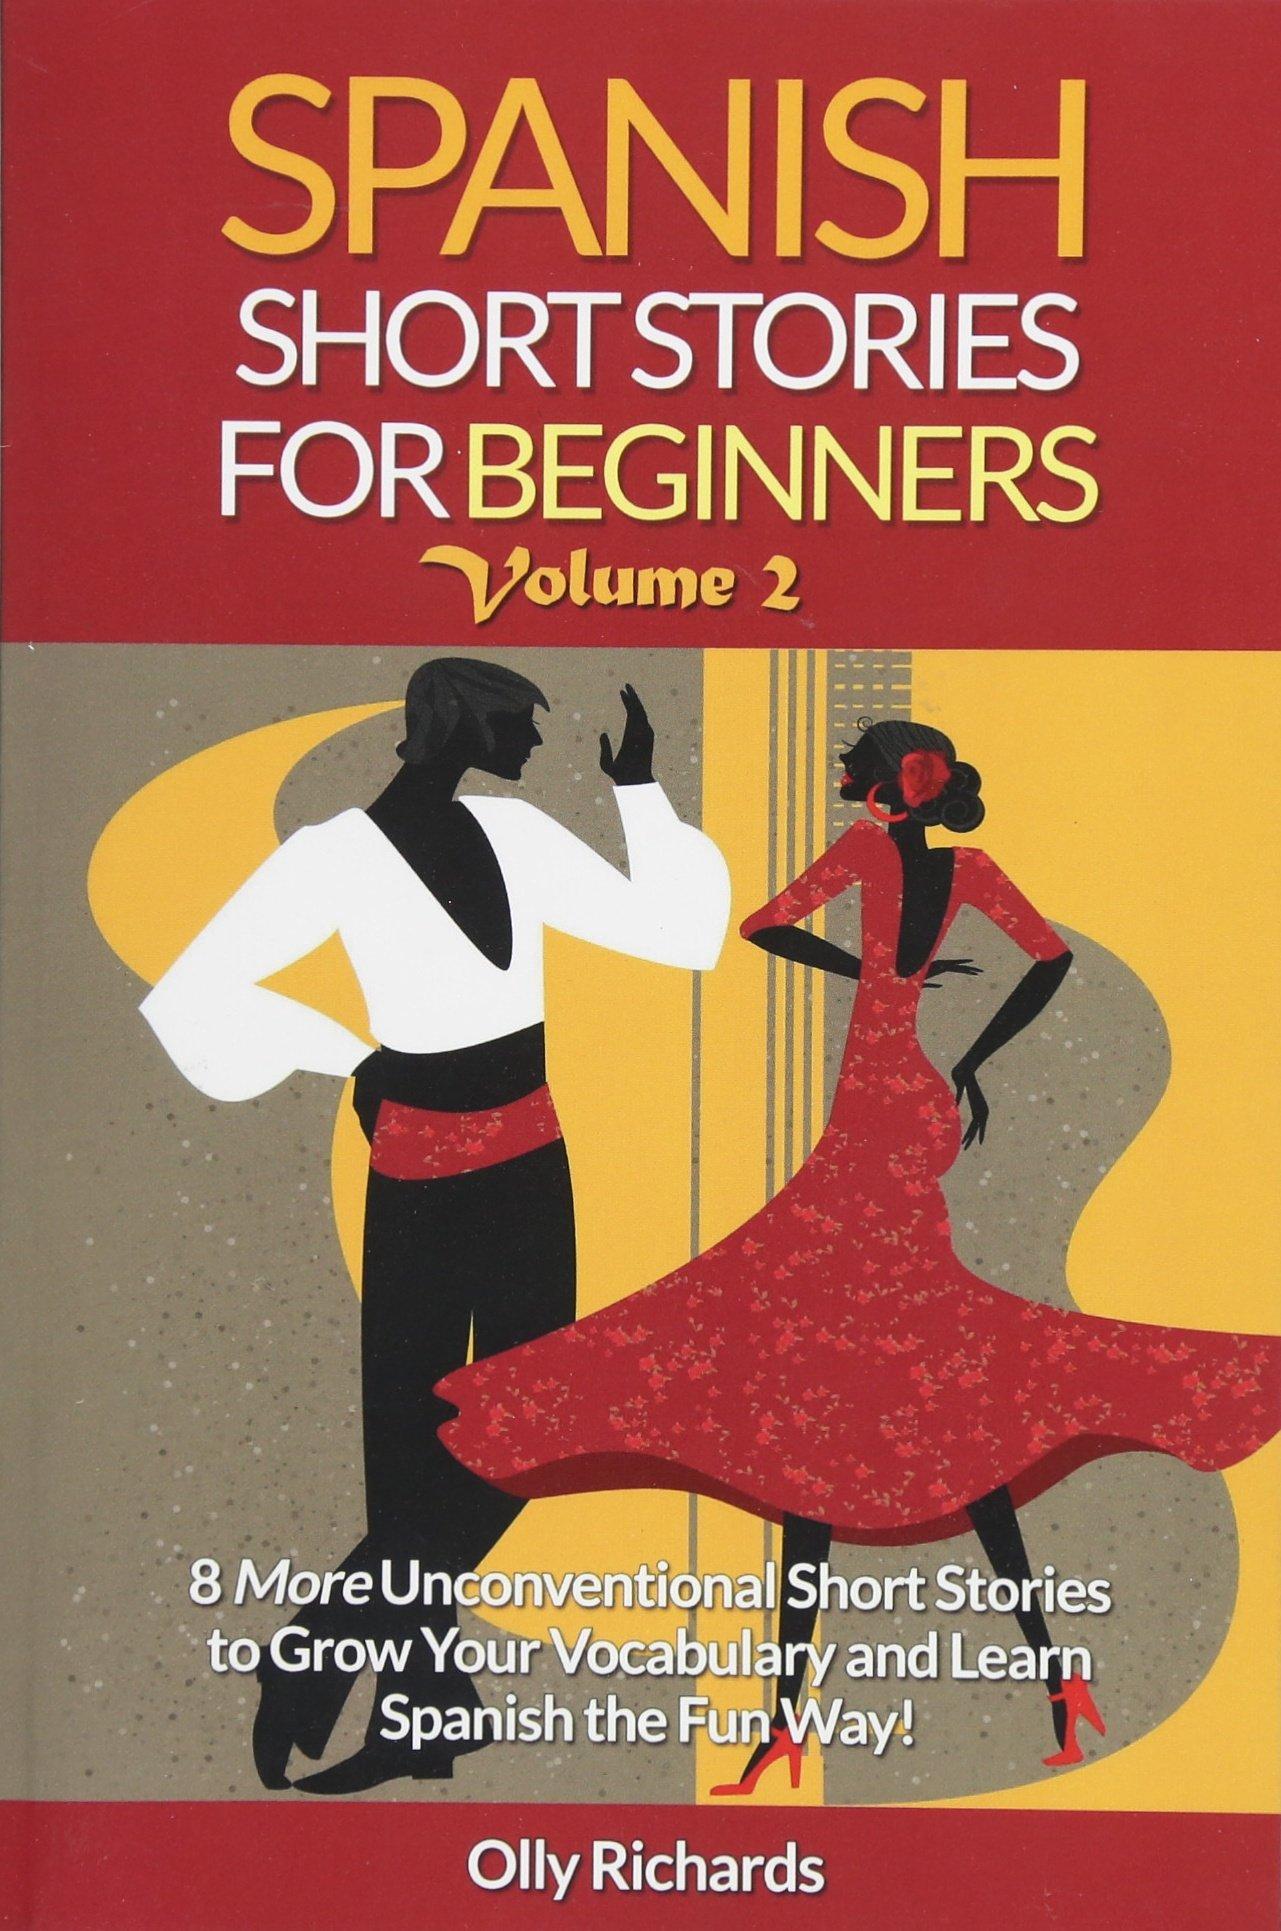 Spanish Short Stories For Beginners Volume 2: 8 More